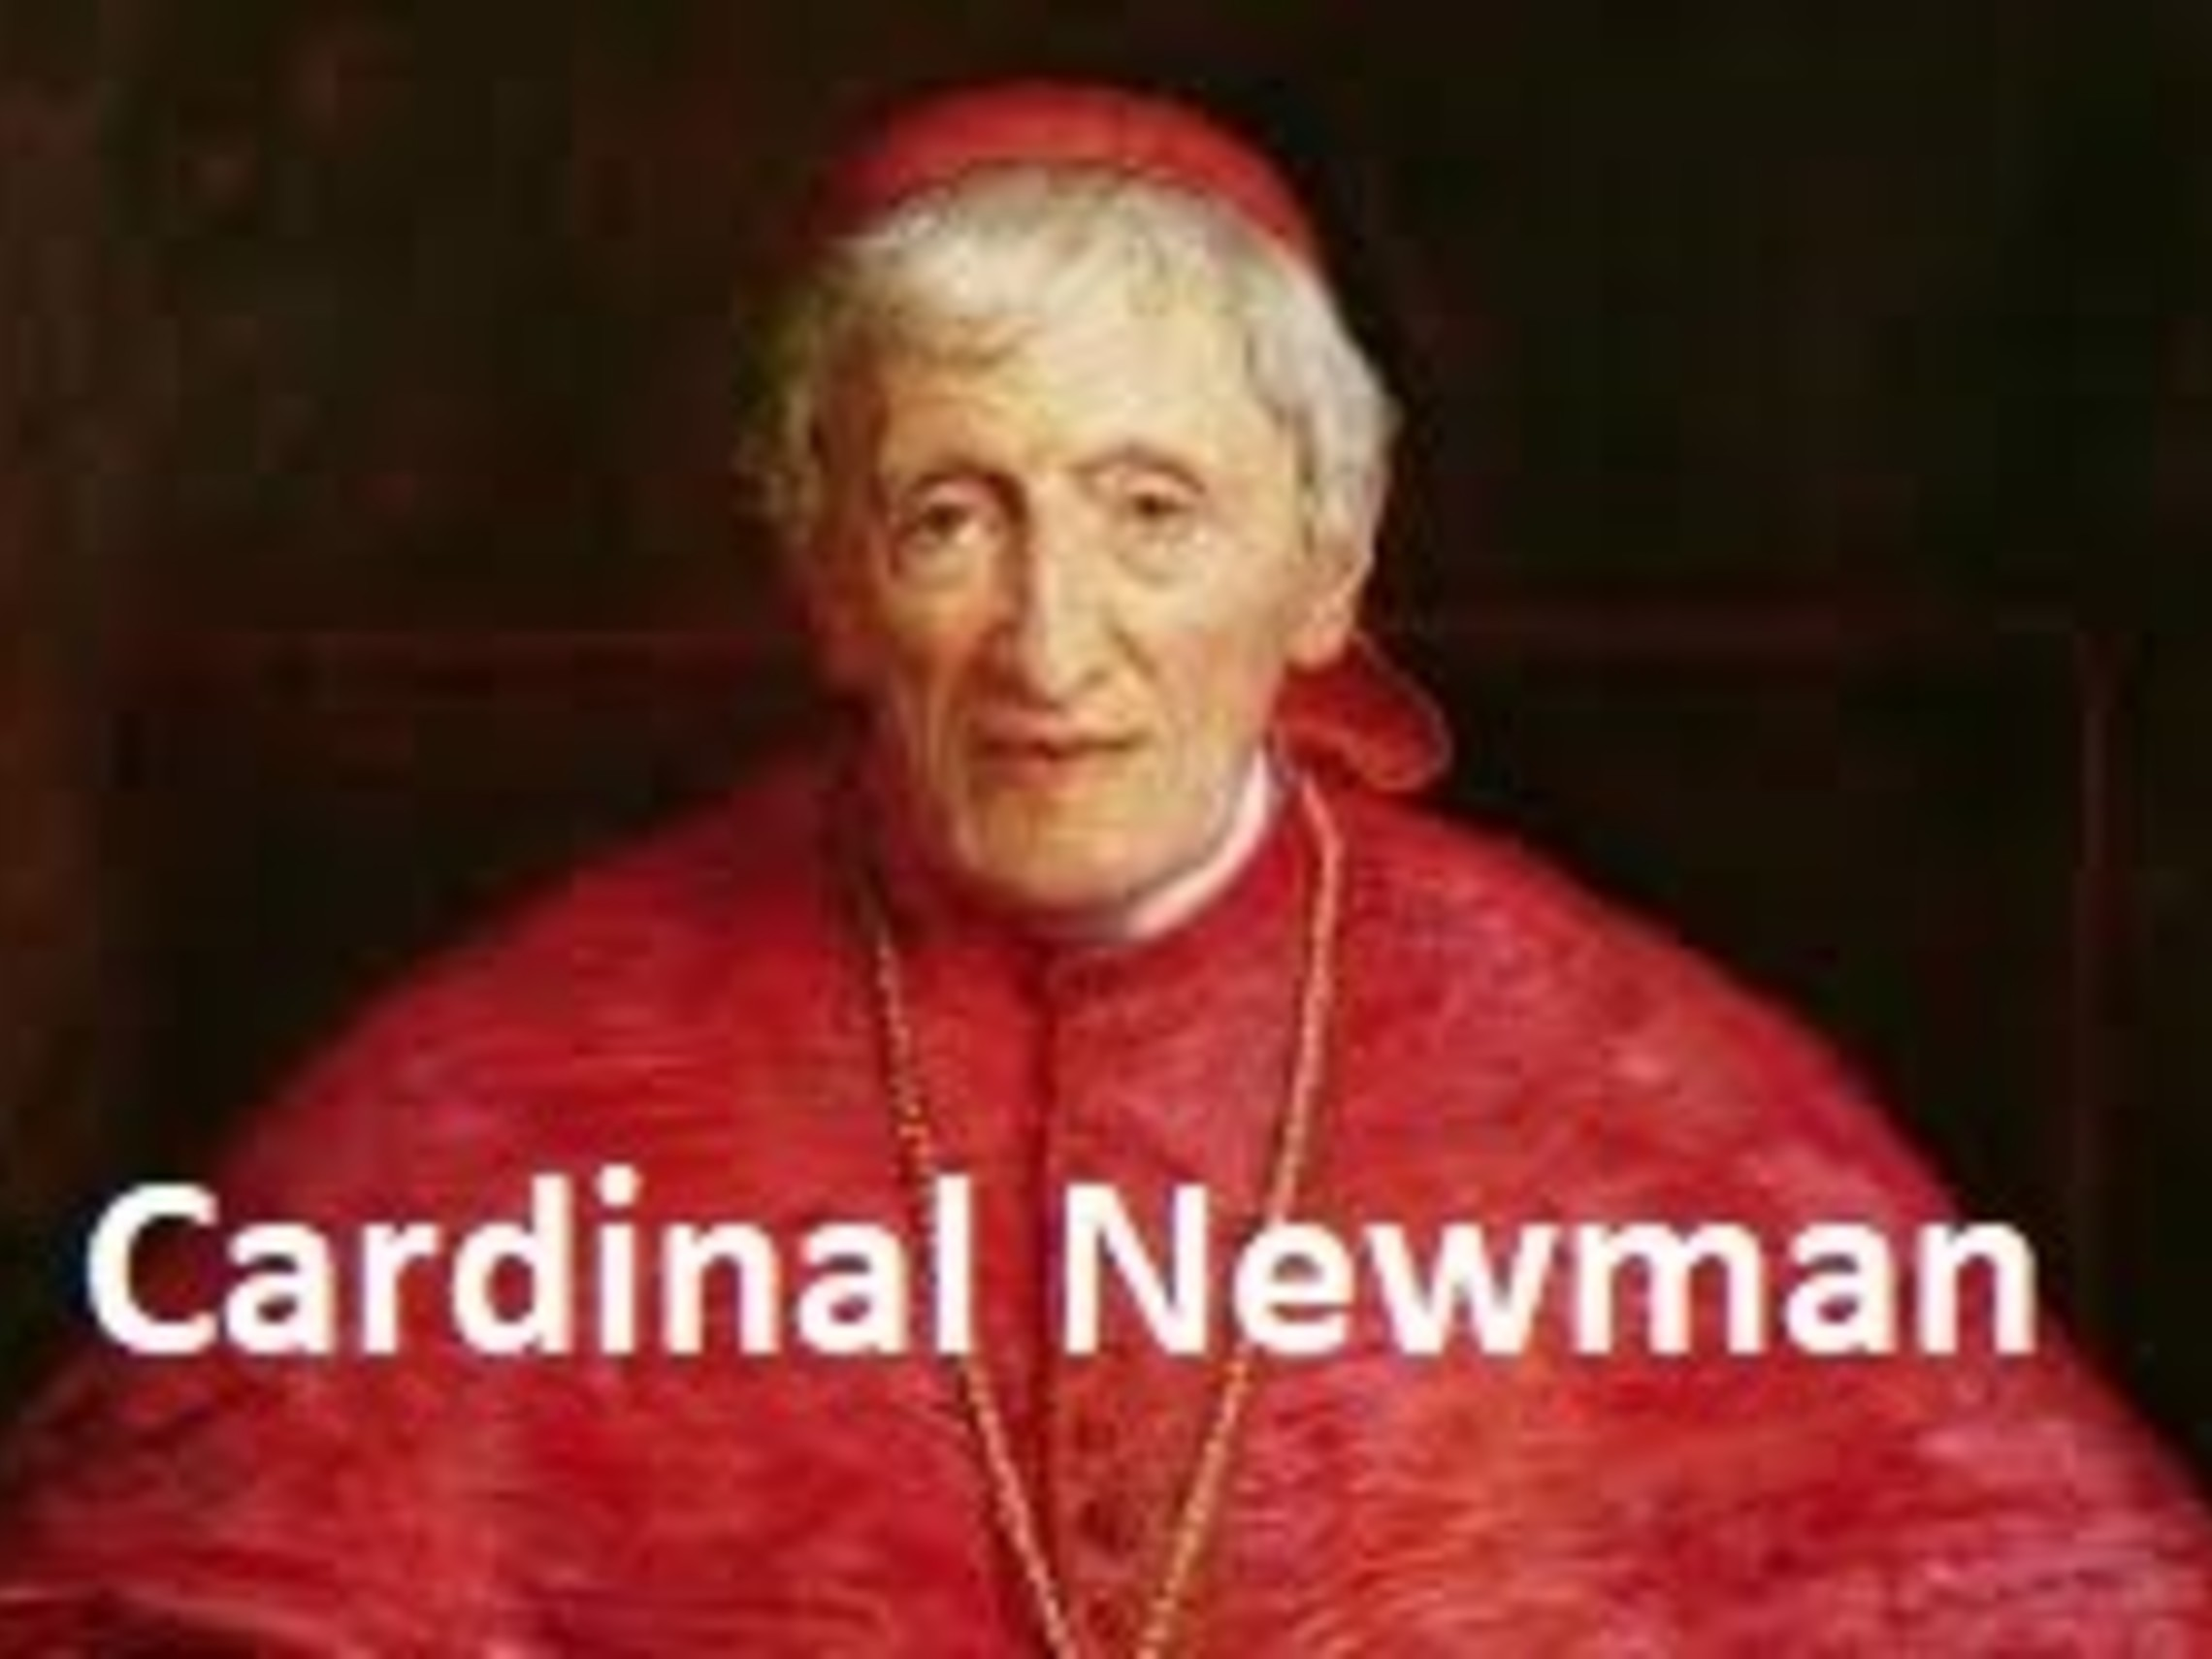 Cardinal Newmantt2